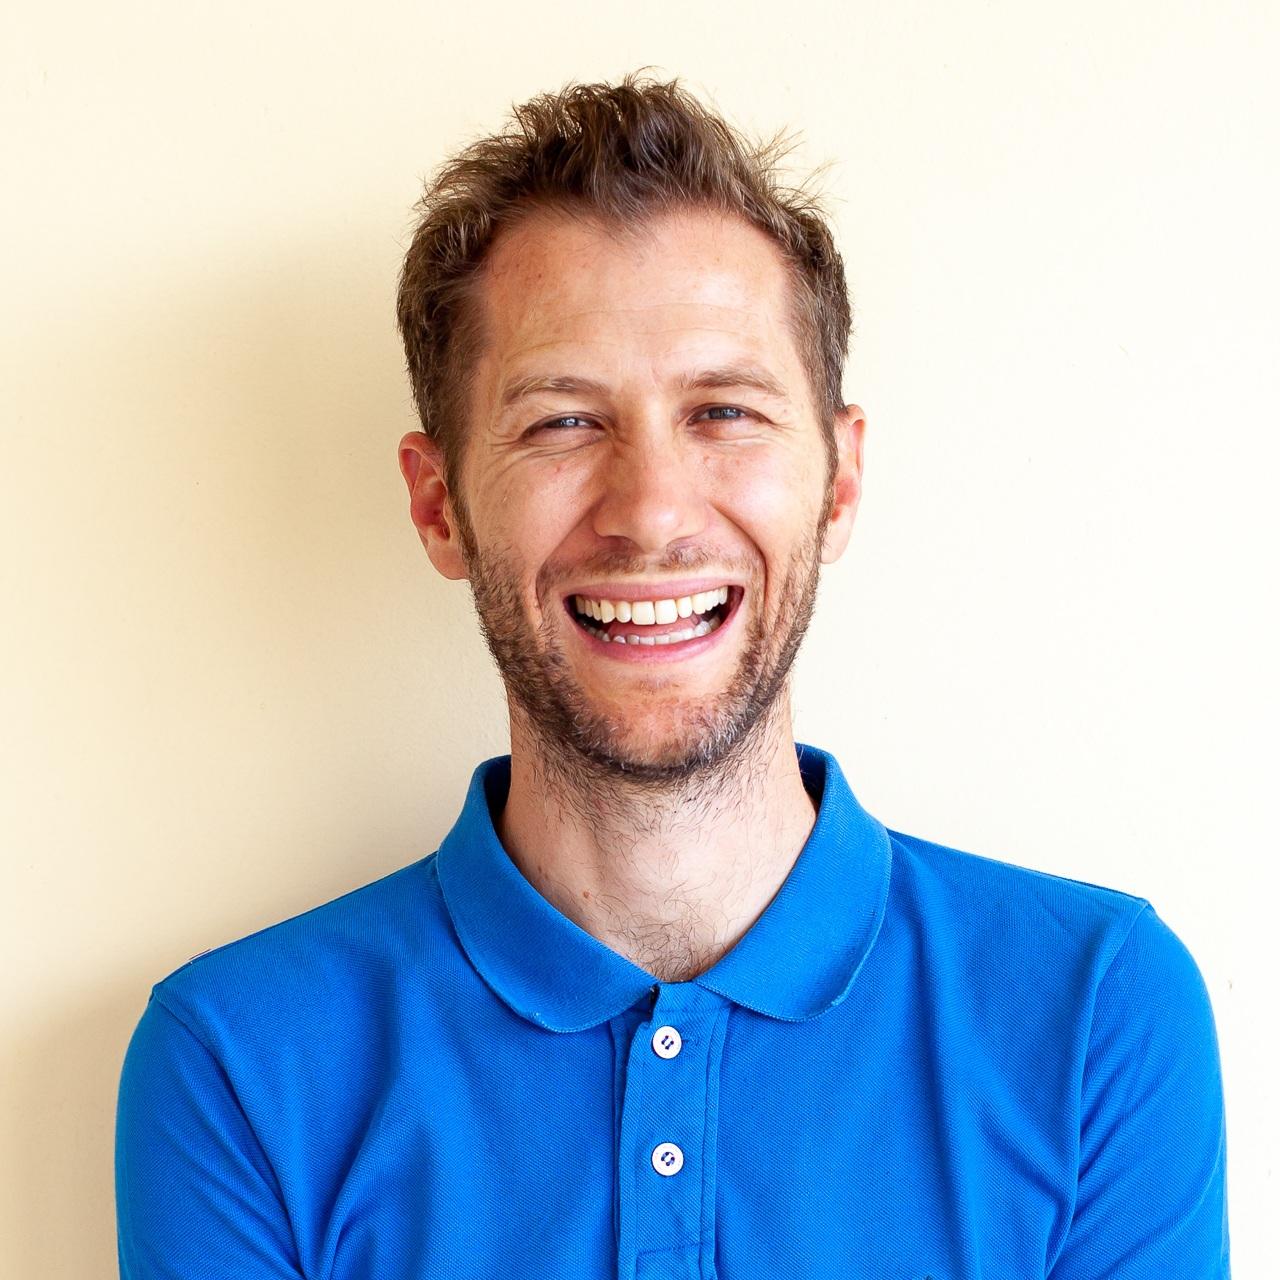 Nicolas Mirguet /Co-Fondateur - Ayant souvent hésité et navigué entre une carrière créative ou commerciale, il a choisi très vite la publicité pour justement allier les deux. Passé tour à tour par les plus grandes agences (FCB, TBWA ou Ogilvy) comme les nouveaux venus (Vanksen et Buzzman), il a toujours travaillé sur le digital en ayant exercé son goût pour la polyvalence sous différentes casquettes : créatif, chef de projet, consultant, stratégiste média sociaux et planneur stratégique. Une opportunité chez Ogilvy & Mather à Bangalore lui a permis de sauter le pas pour s'expatrier. Il assouvit aujourd'hui son envie d'entreprenariat avec la création et le développement de Titri.